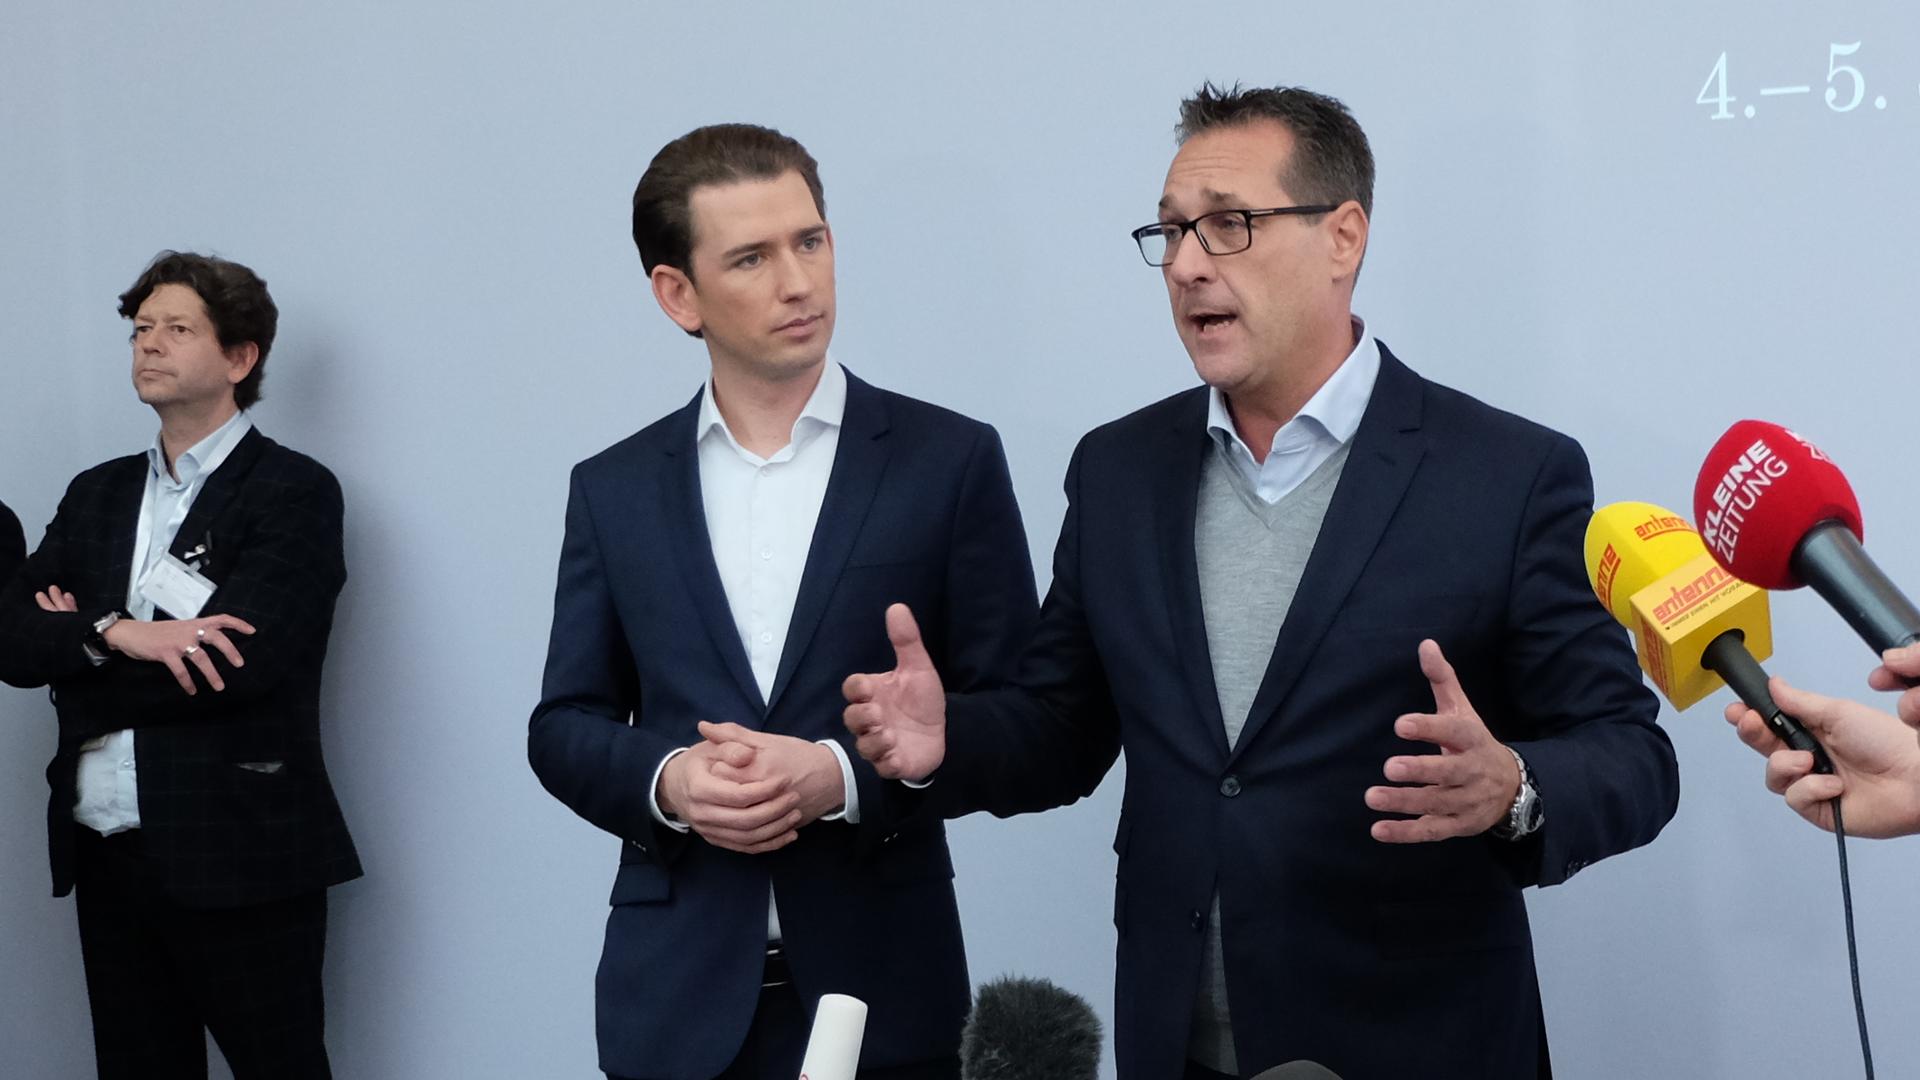 Kurz-Strache-Rücktritt-FPÖ-ÖVP-Regierung-Pressekonferenz